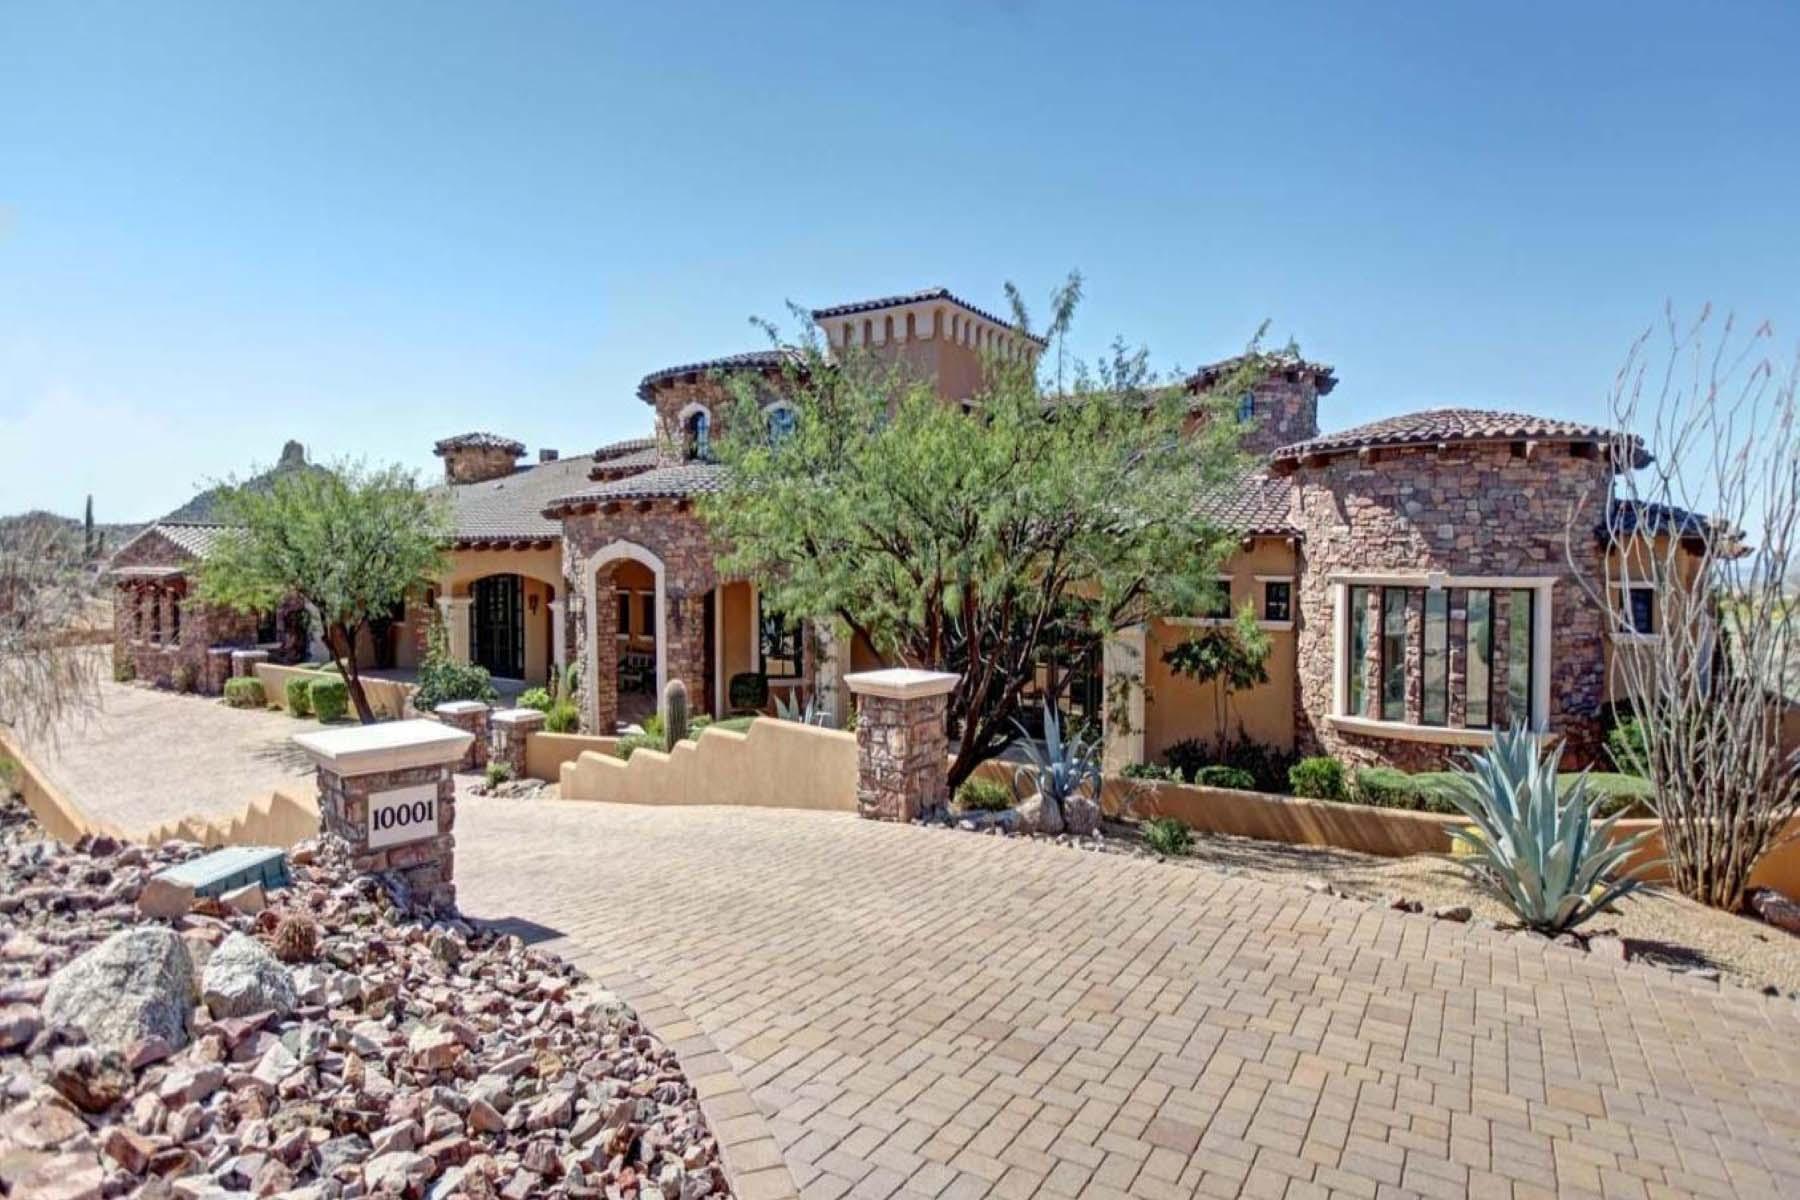 Einfamilienhaus für Verkauf beim A dream residence in the gated community of Talus. 10001 E BALANCING ROCK RD Scottsdale, Arizona 85262 Vereinigte Staaten